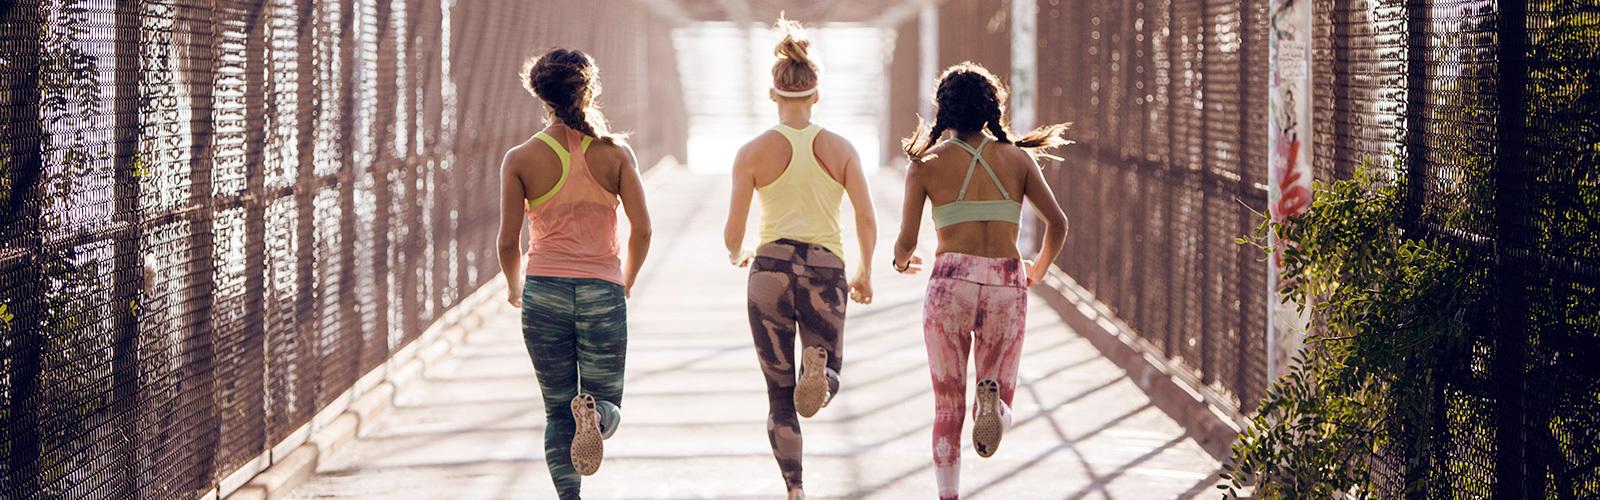 Drie vrouwen die hardlopen, gezien van achteren.